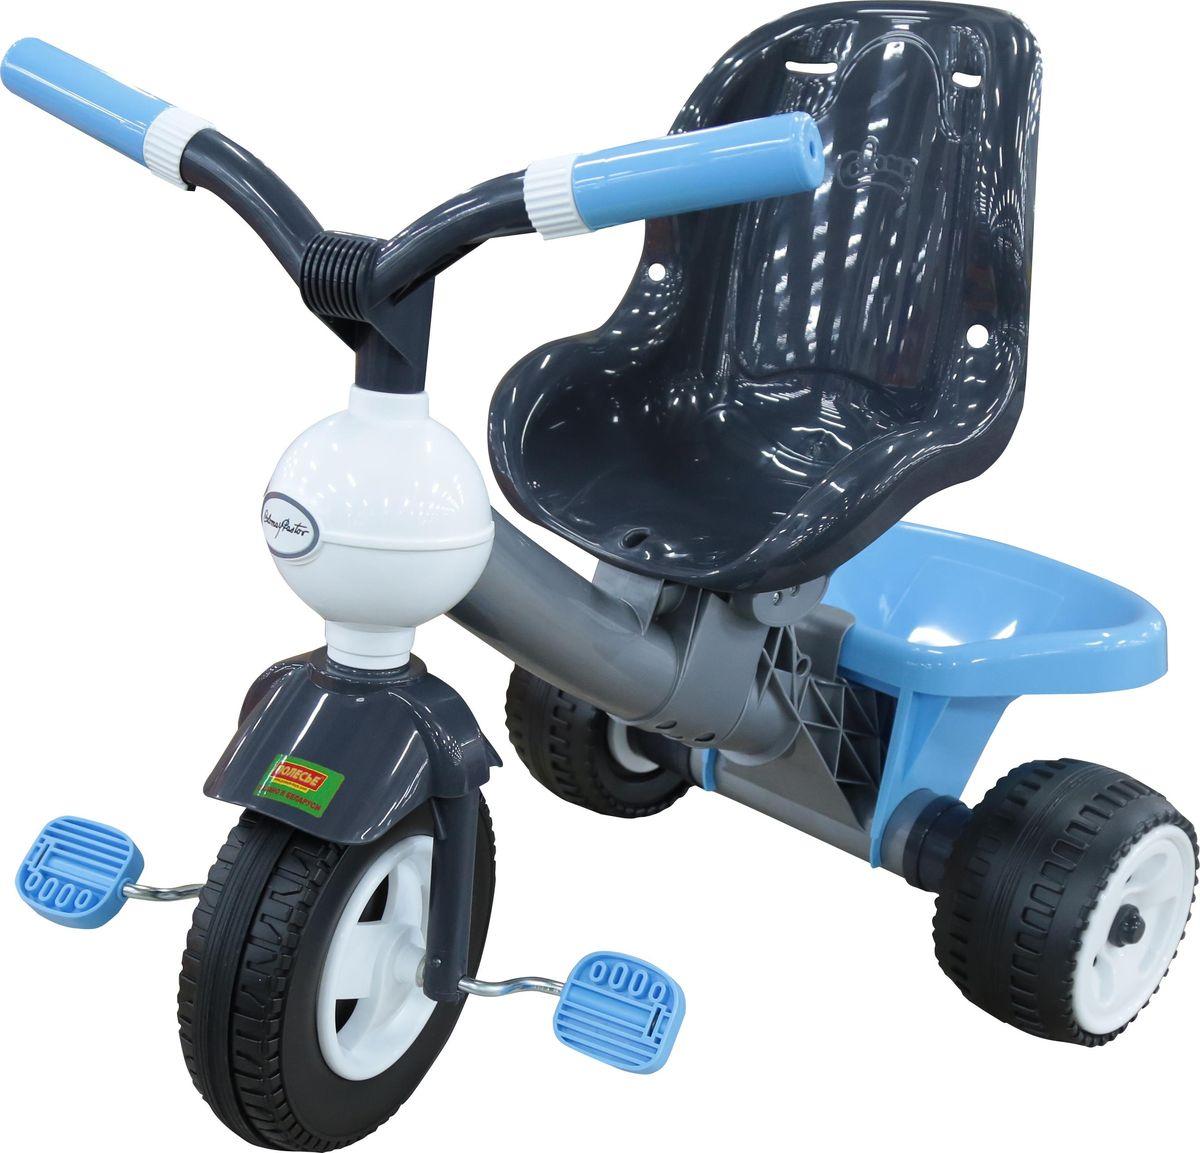 Полесье Велосипед трехколесный Амиго №3 4644446444Полесье Велосипед трехколесный Амиго №3